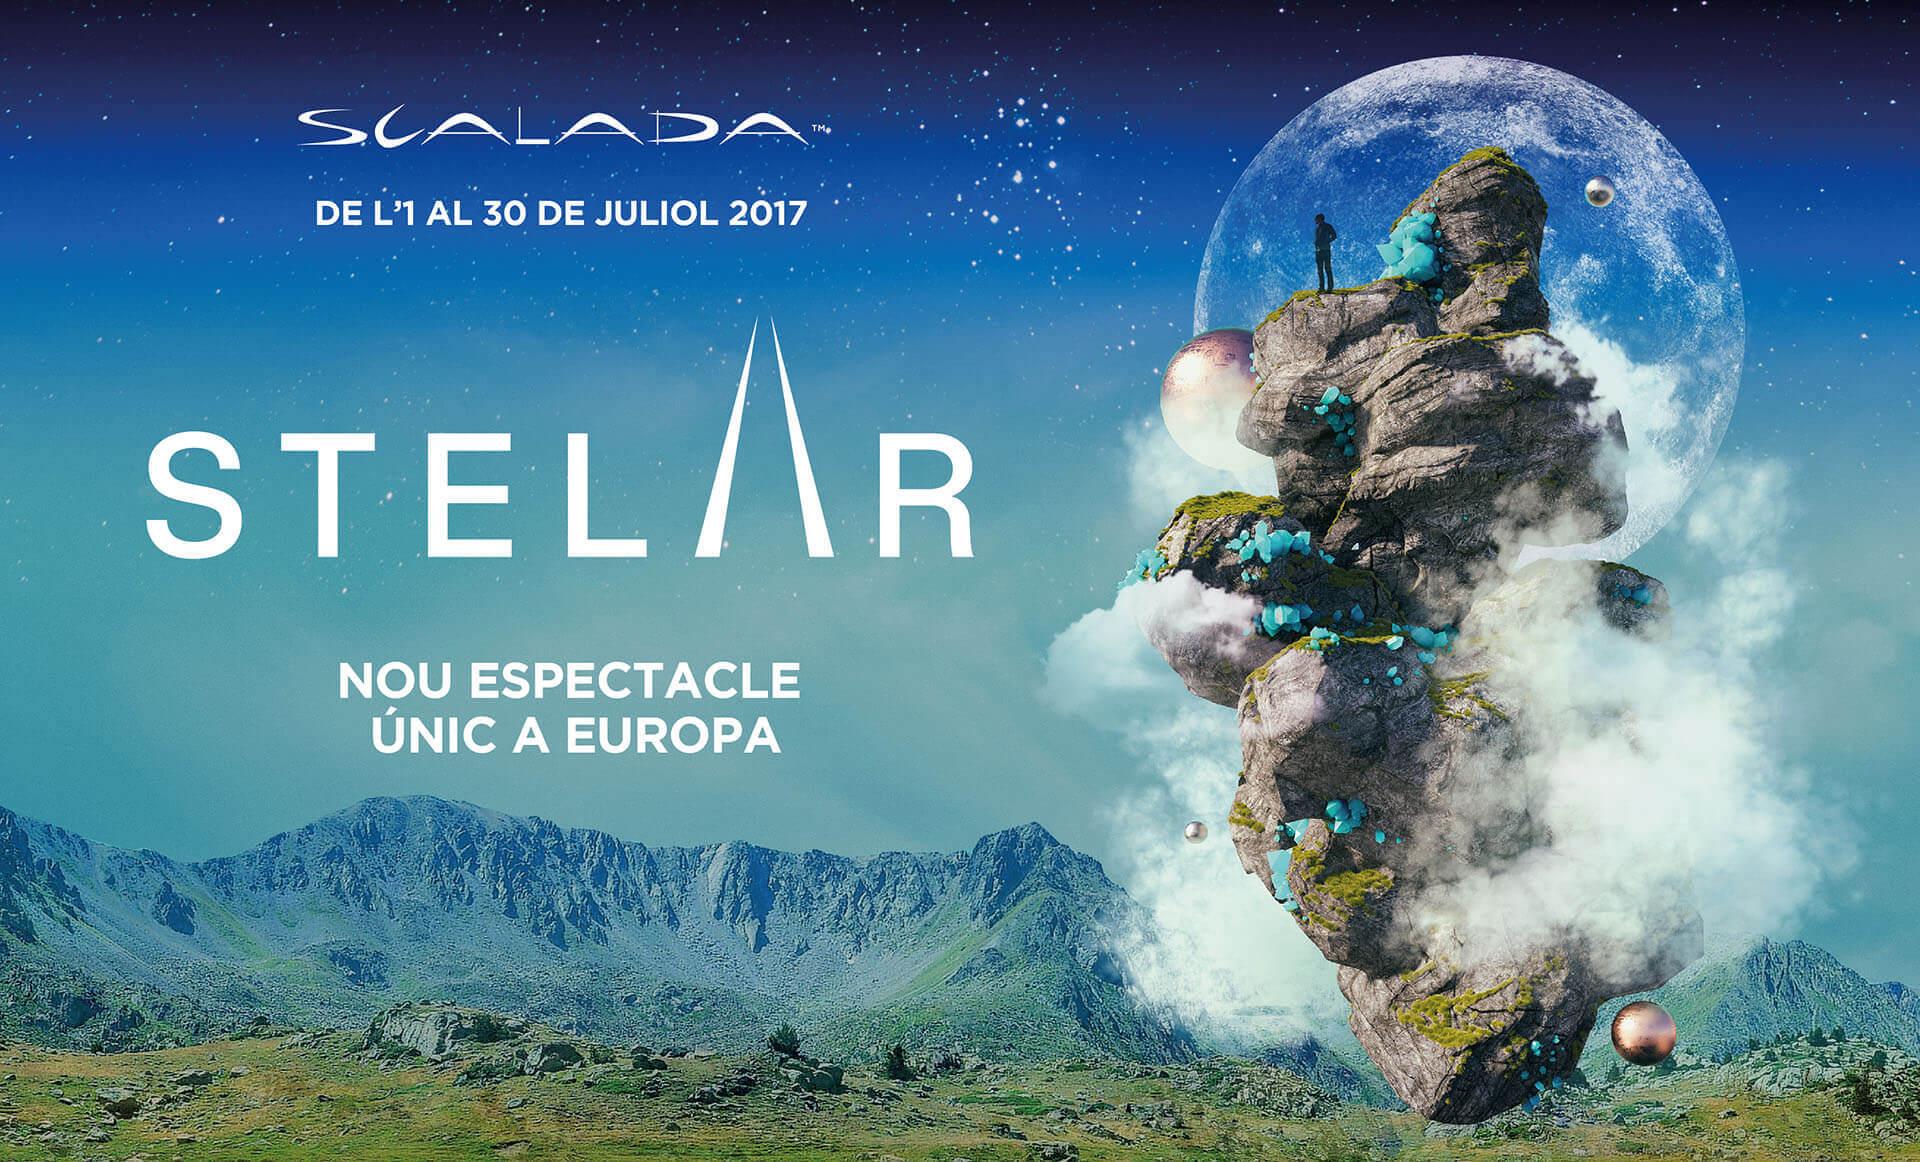 Scalada:Stelar by Cirque du Soleil en Andorra